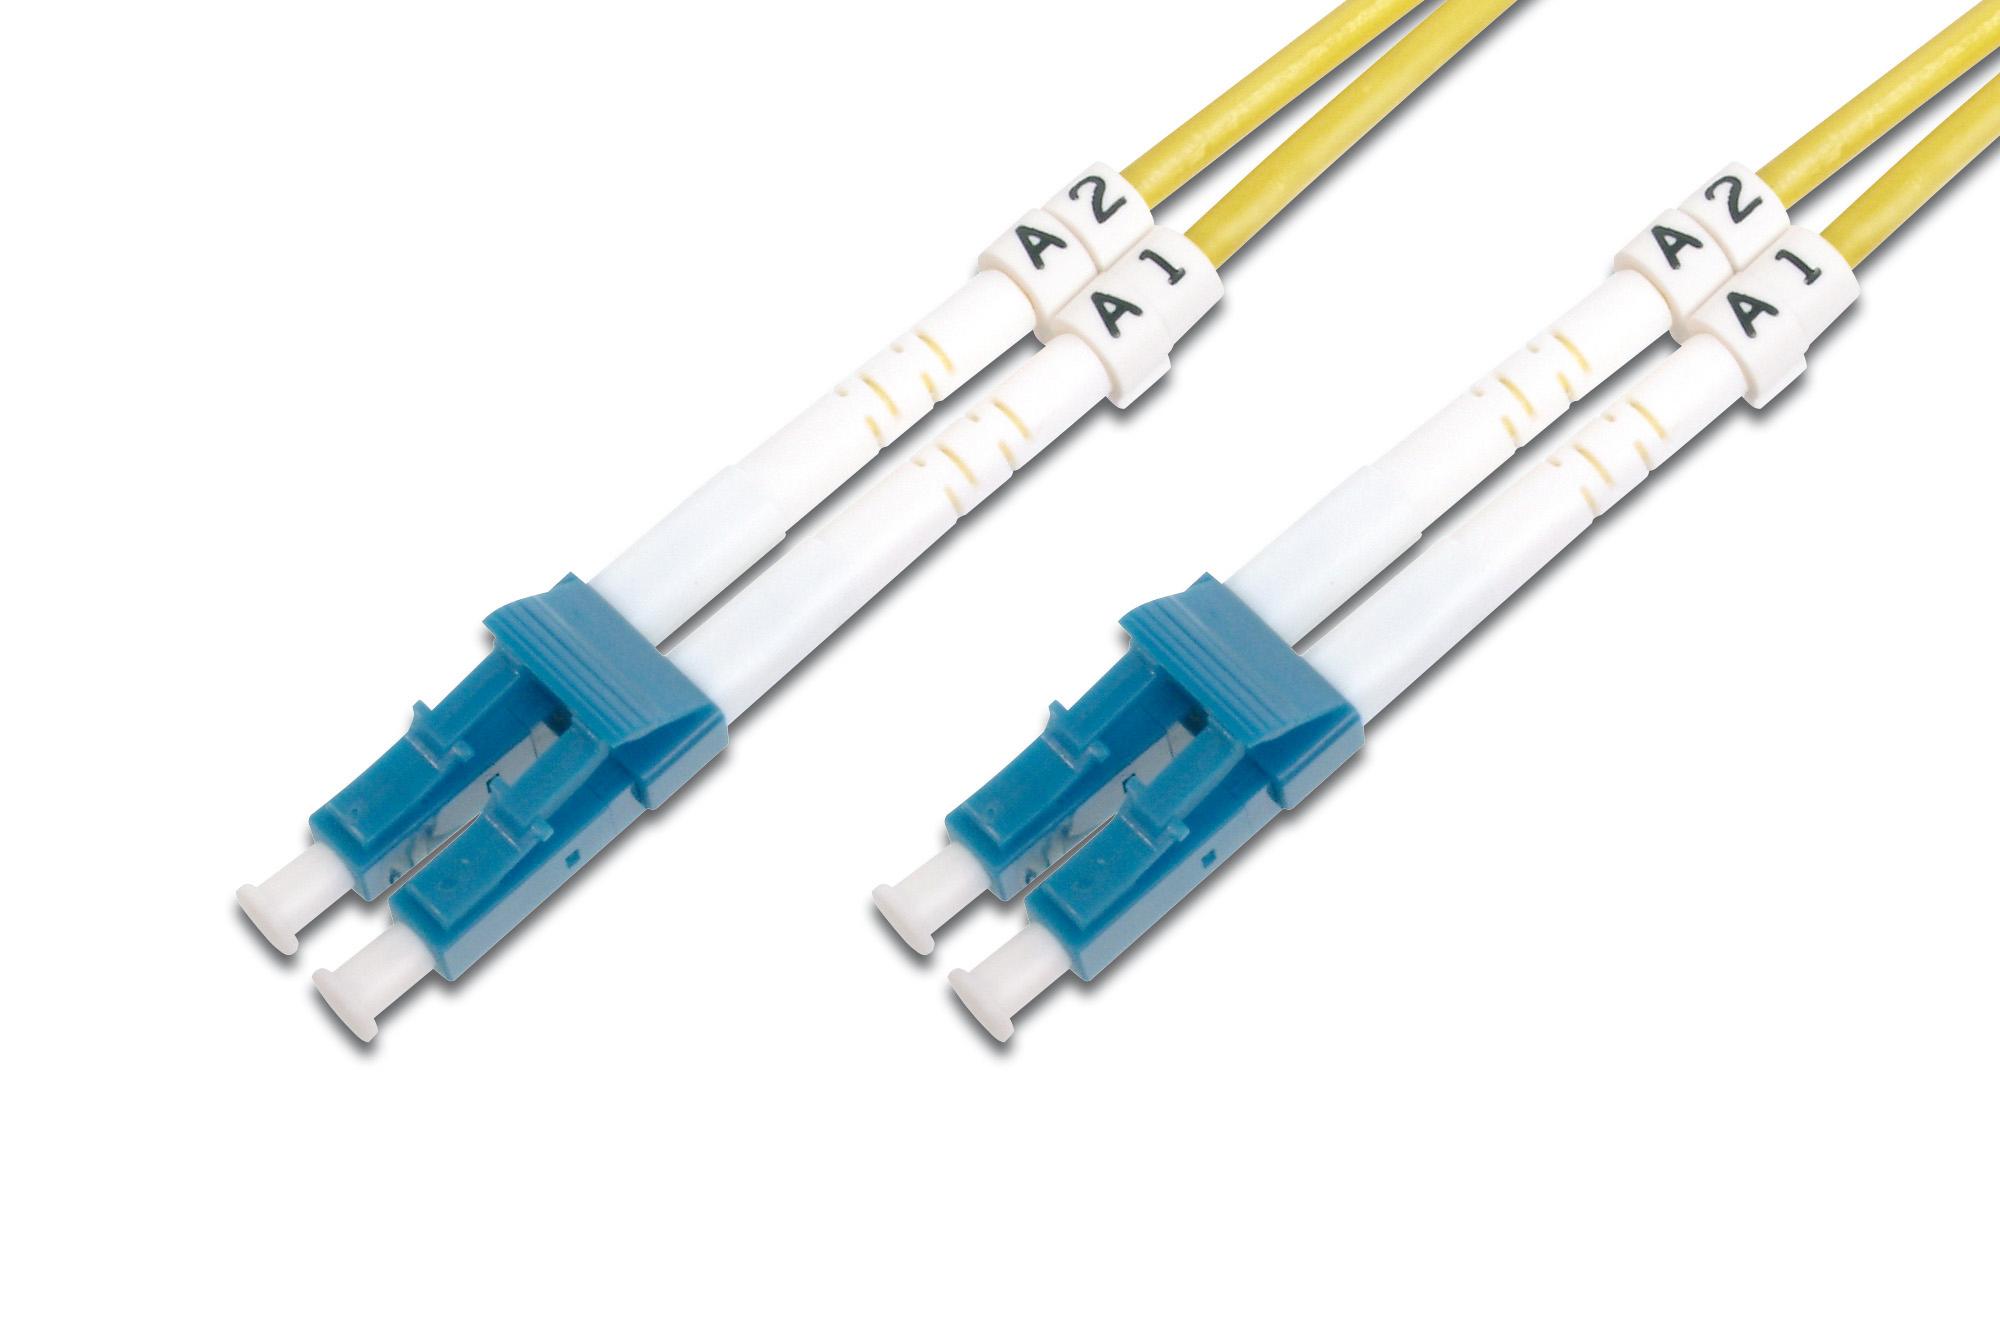 Digitus DK-2933-03 fibre optic cable 3 m LC Yellow